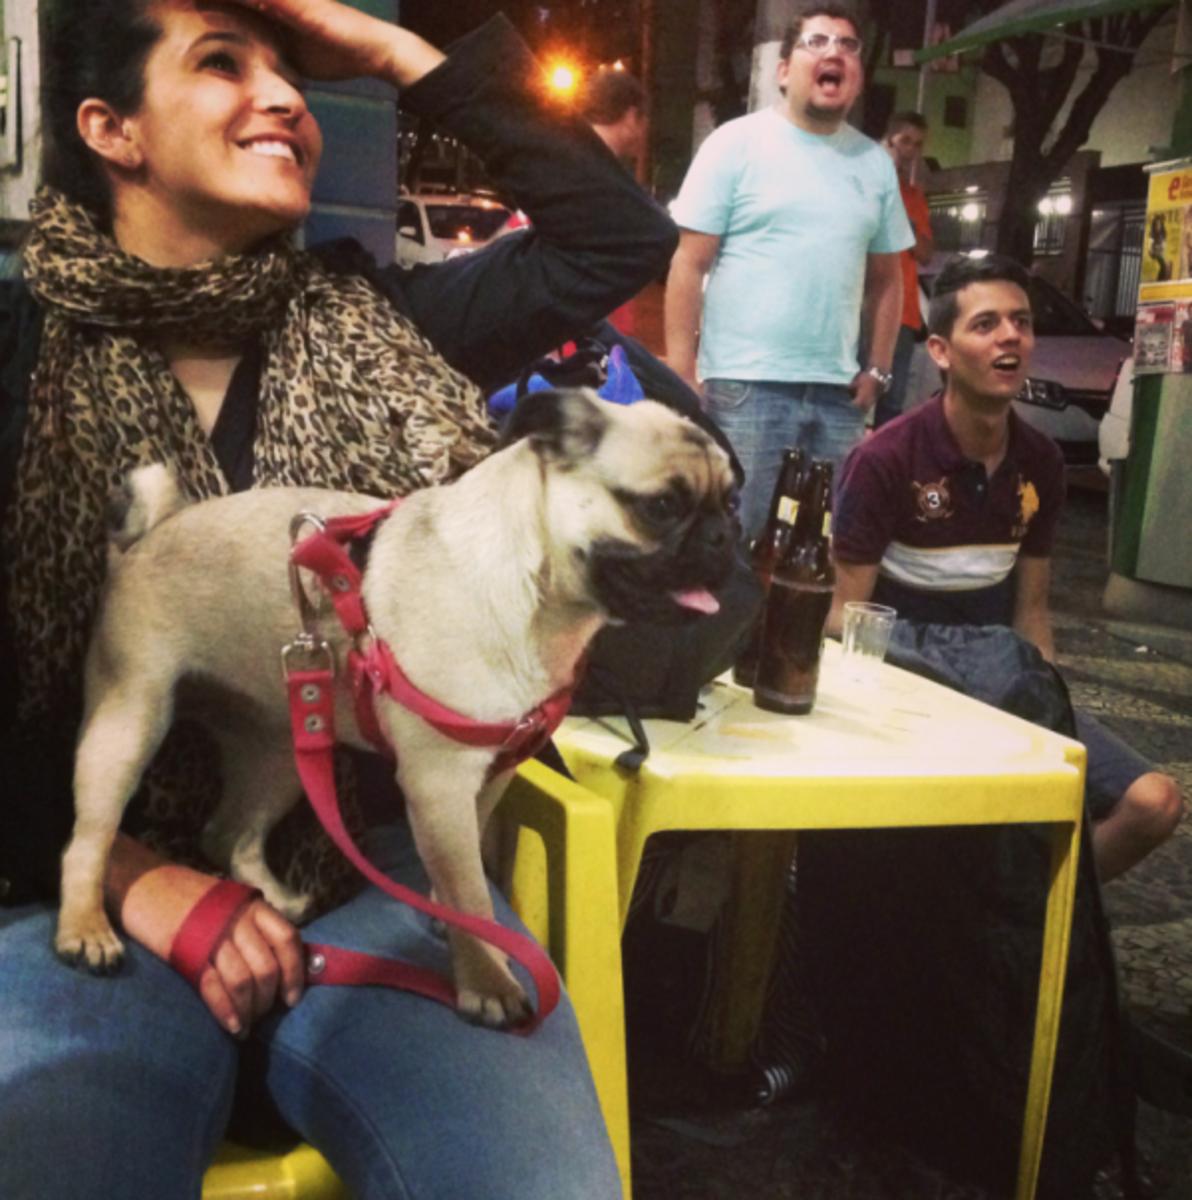 At Ponto do Espeto in the Coração Eucarístico neighborhood of Belo Horizonte, Ana Paula Rocha and friends react to a Chilean goal versus Australia.